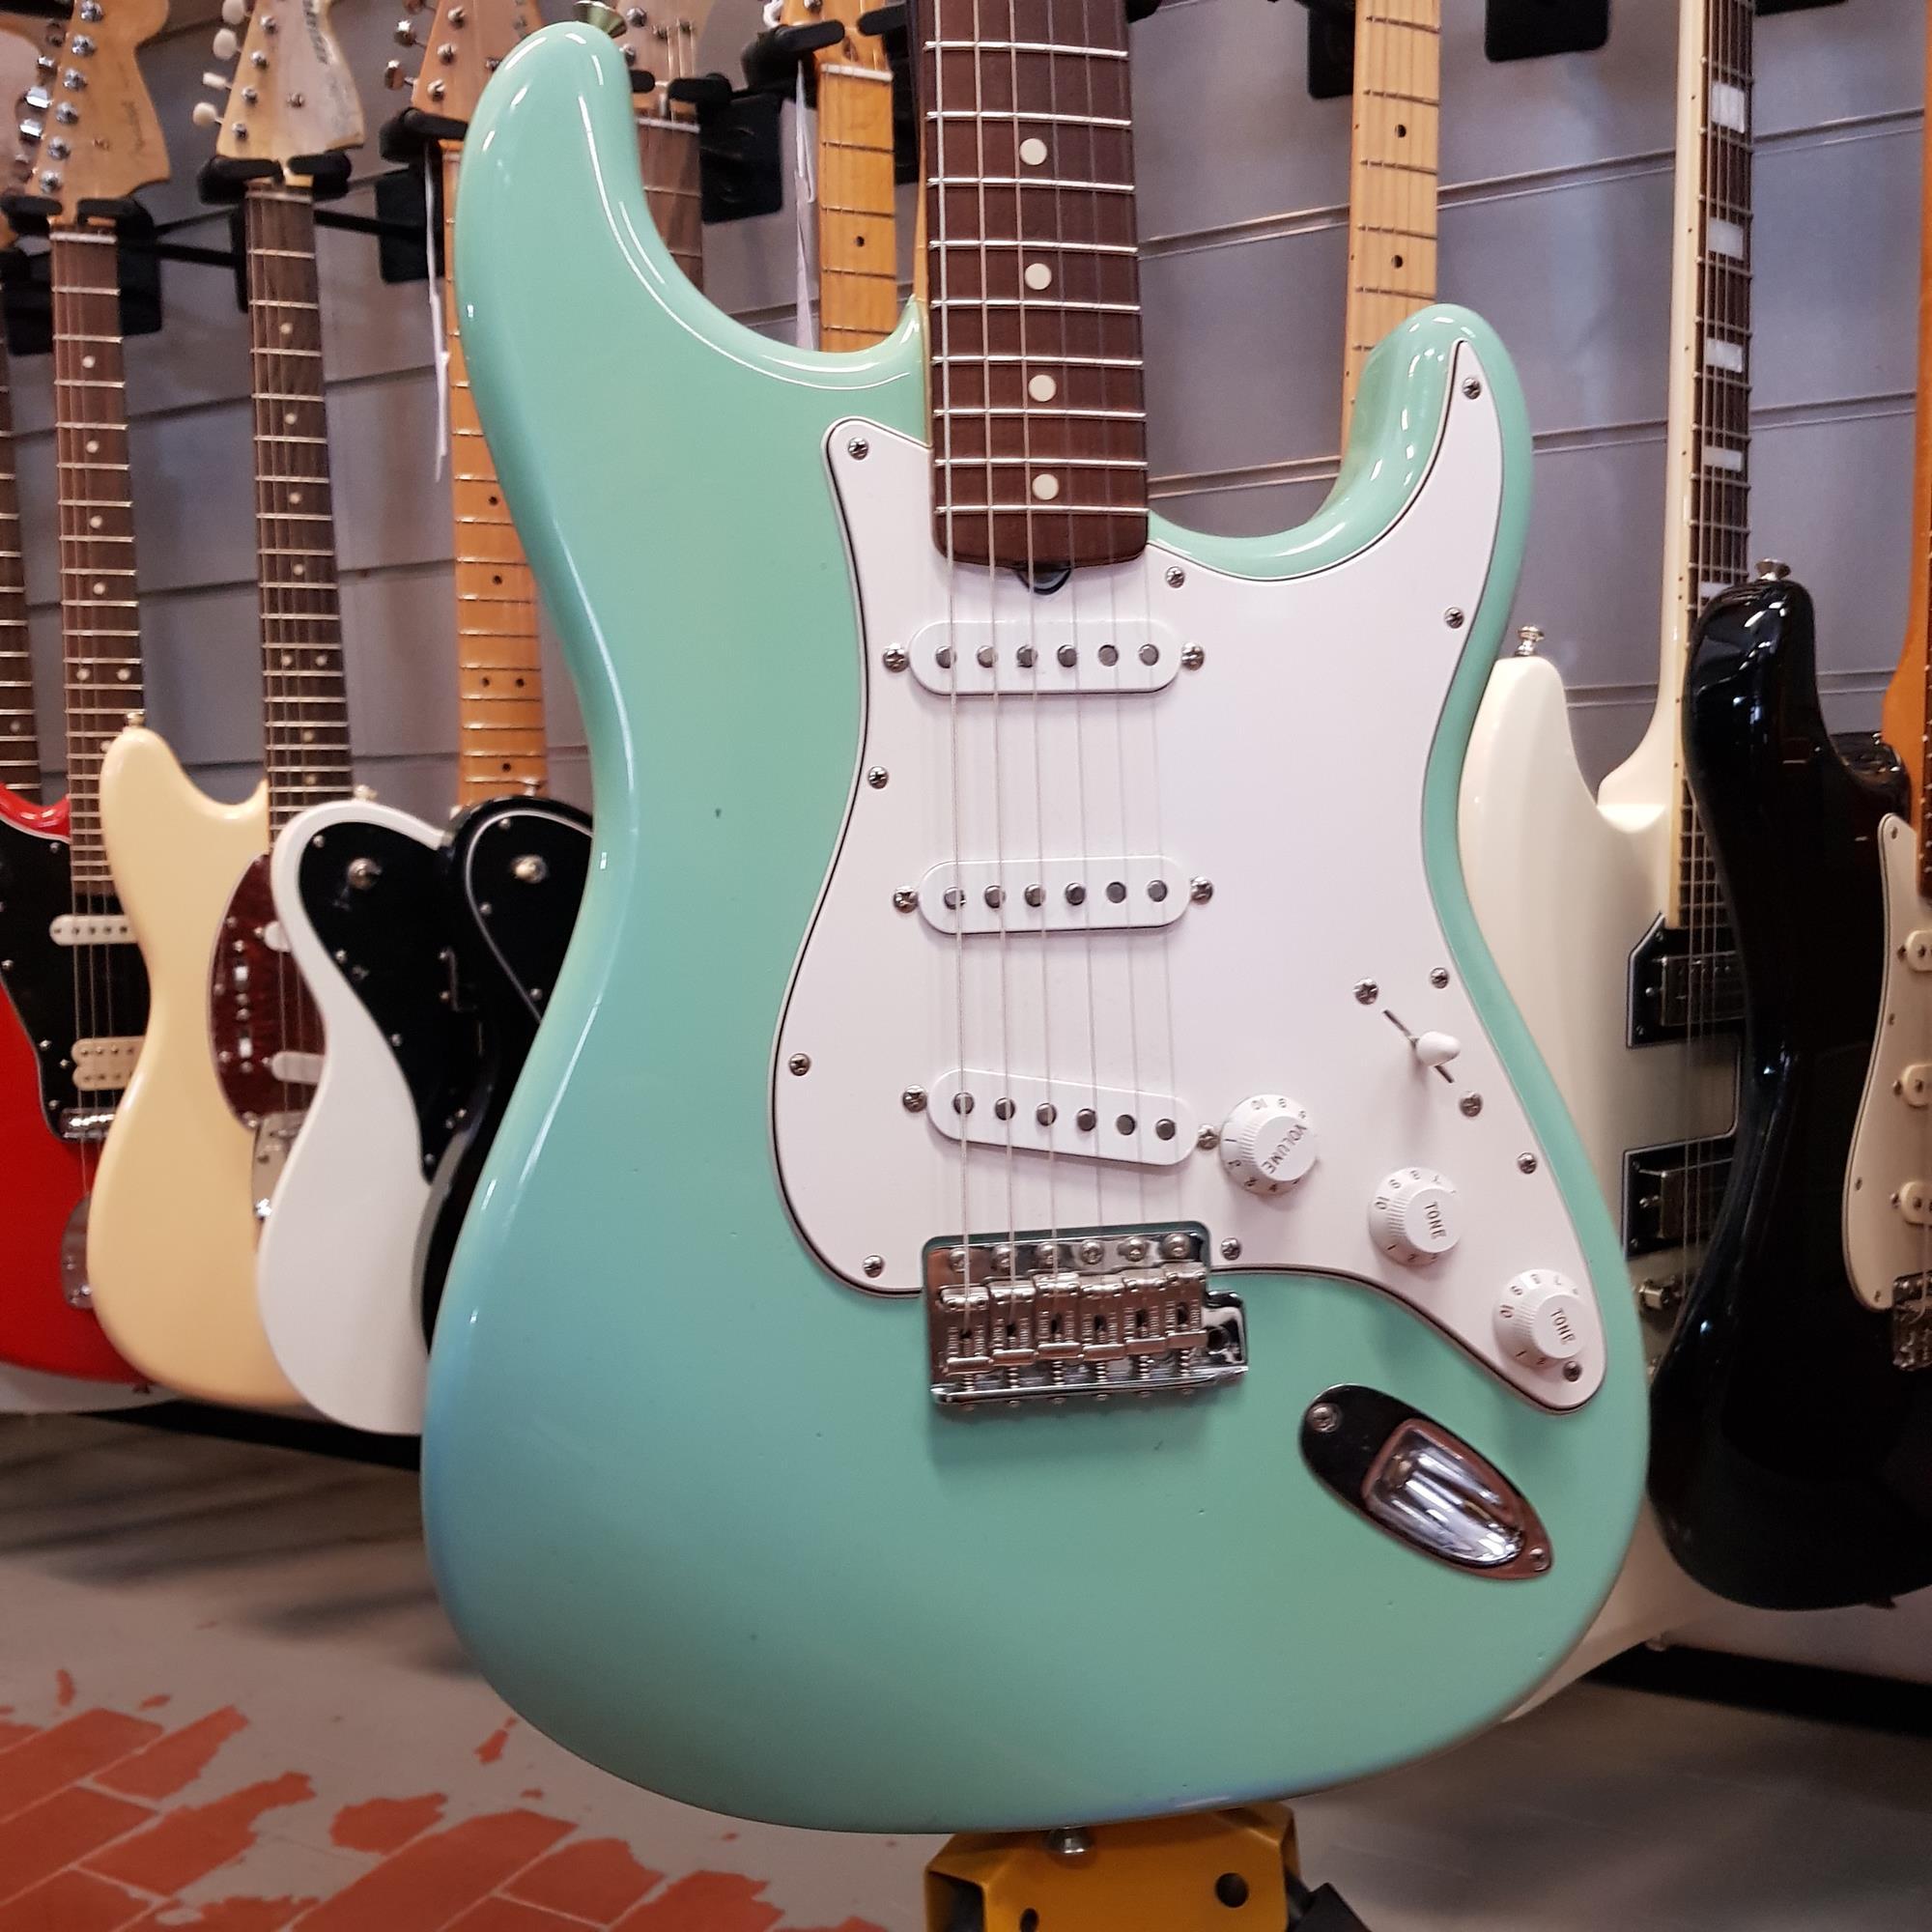 FENDER-1960-STRATOCASTER-NOS-DAPHNE-BLUE-sku-1593874066773